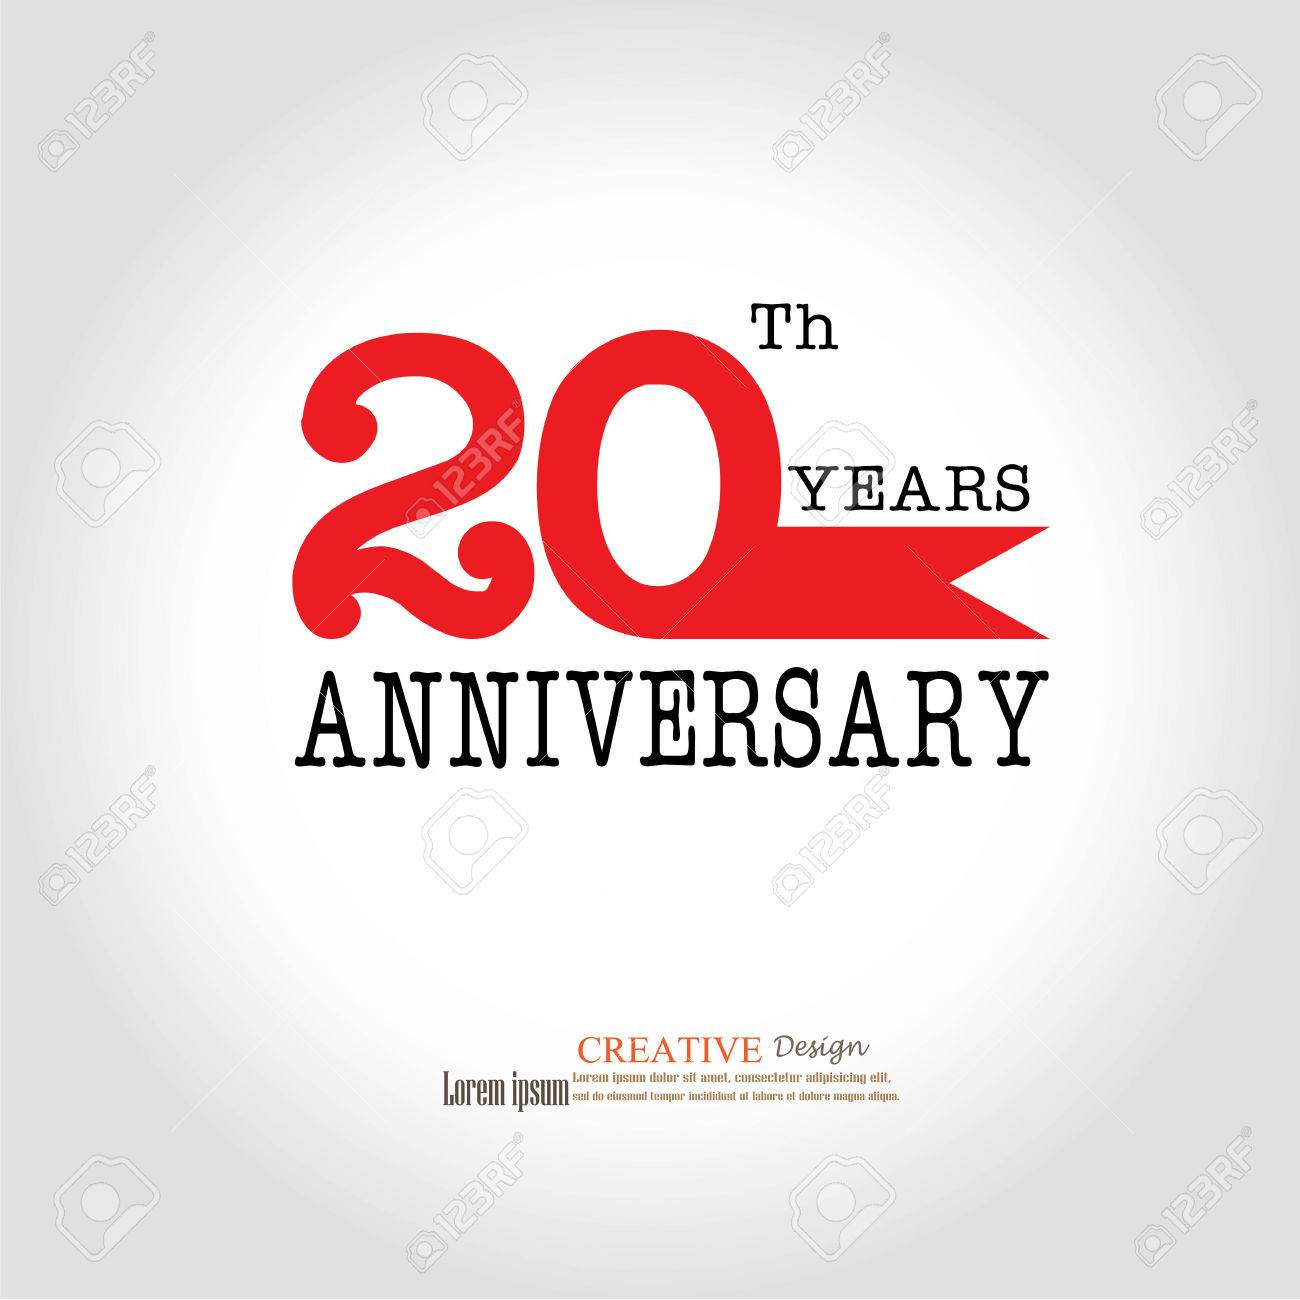 Logo Du Modèle 20ème Anniversaire Logo Anniversaire 20 Ans Célébration 20 Ans20 Anniversaire Symbolevector Illustration